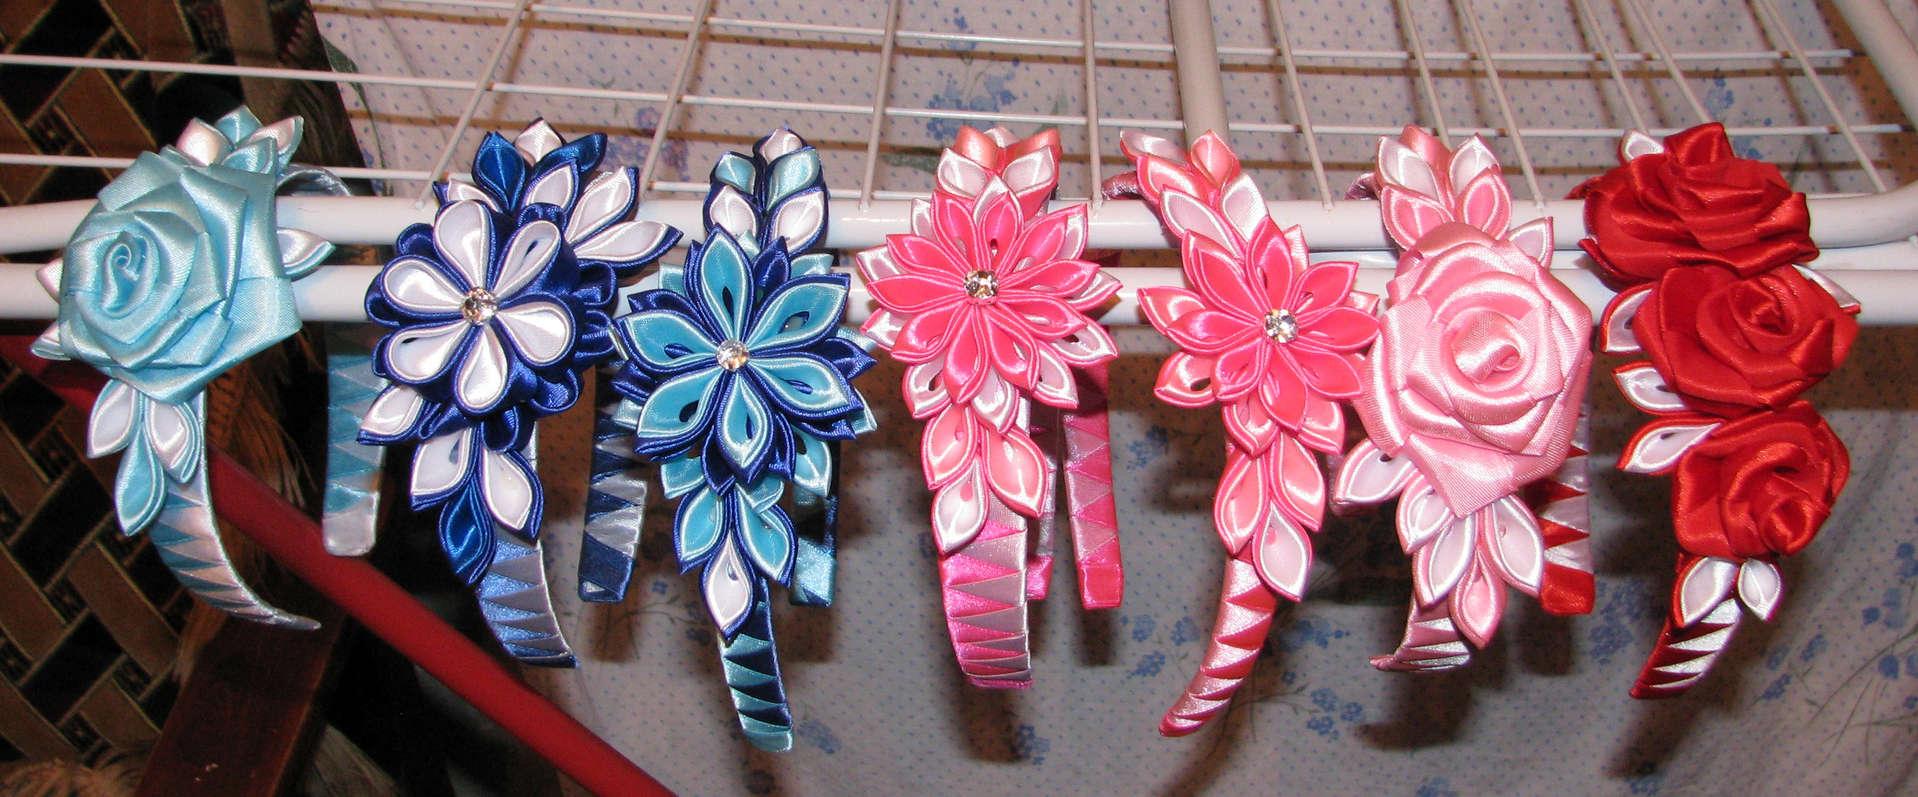 Цветы из лент своими руками для ободка